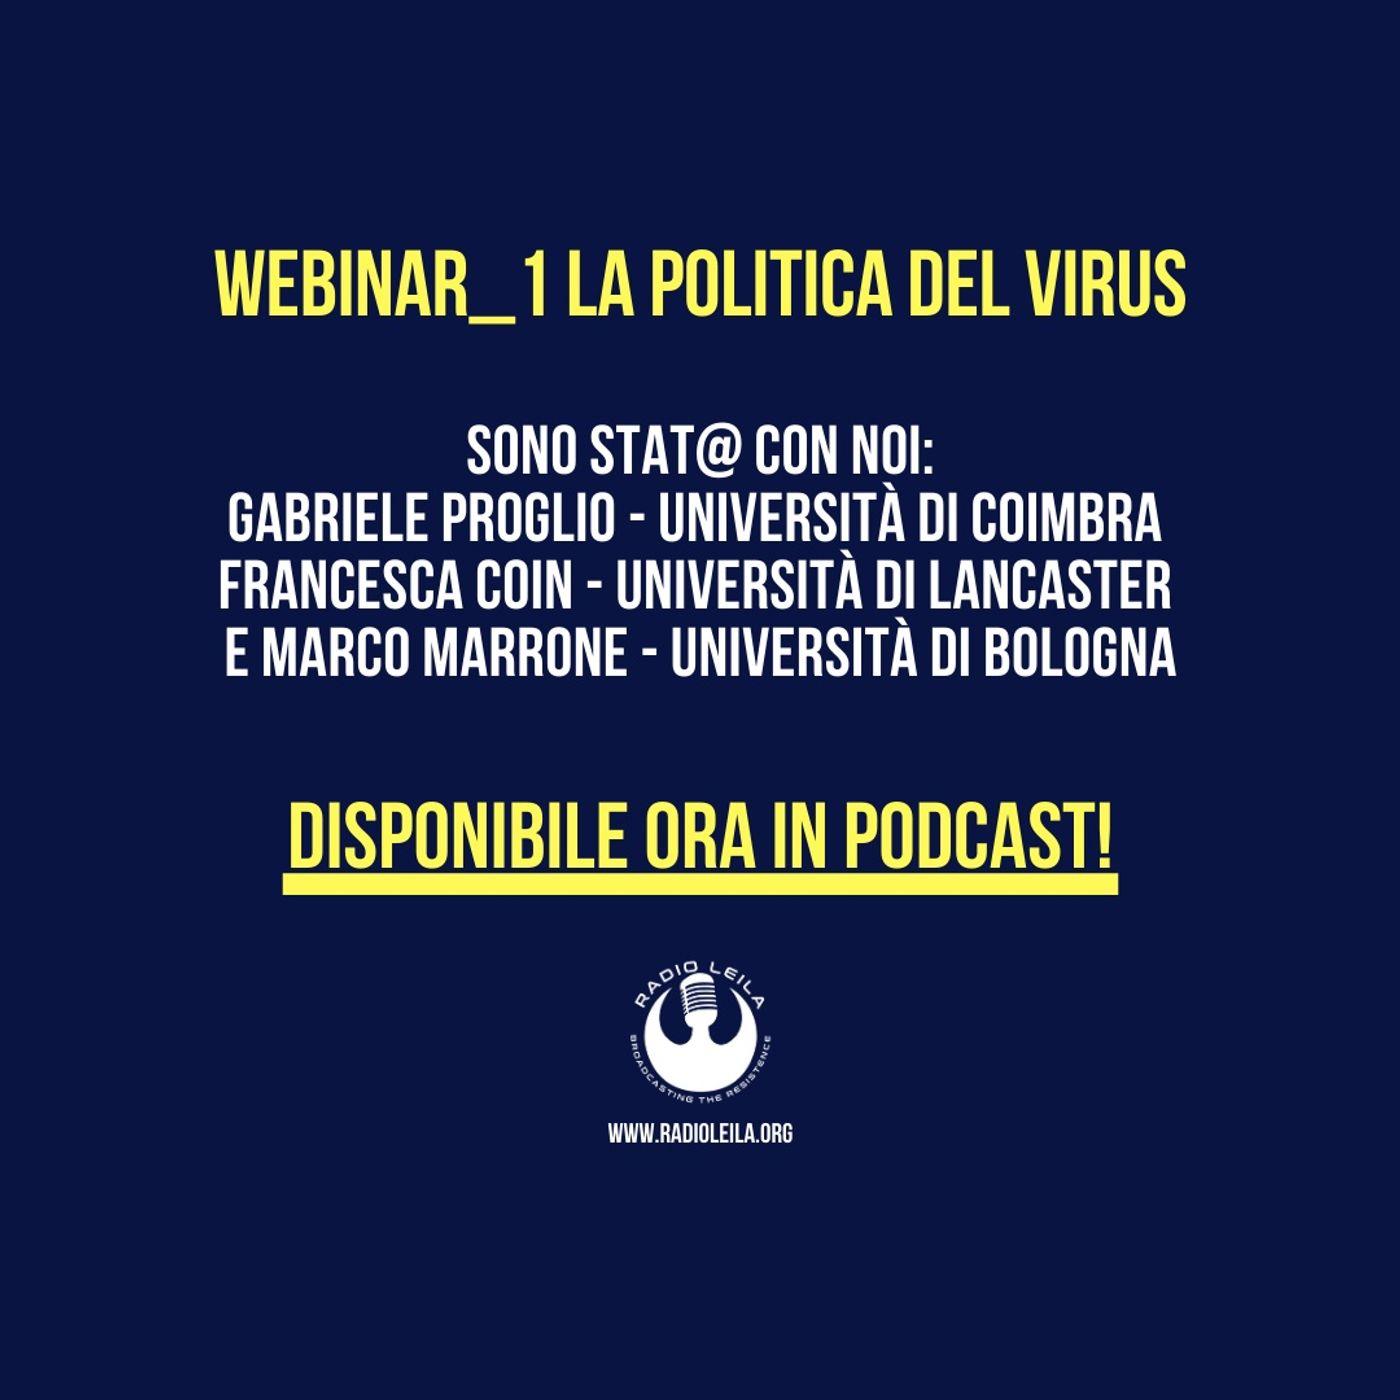 Webinar_1 La Politica del Virus